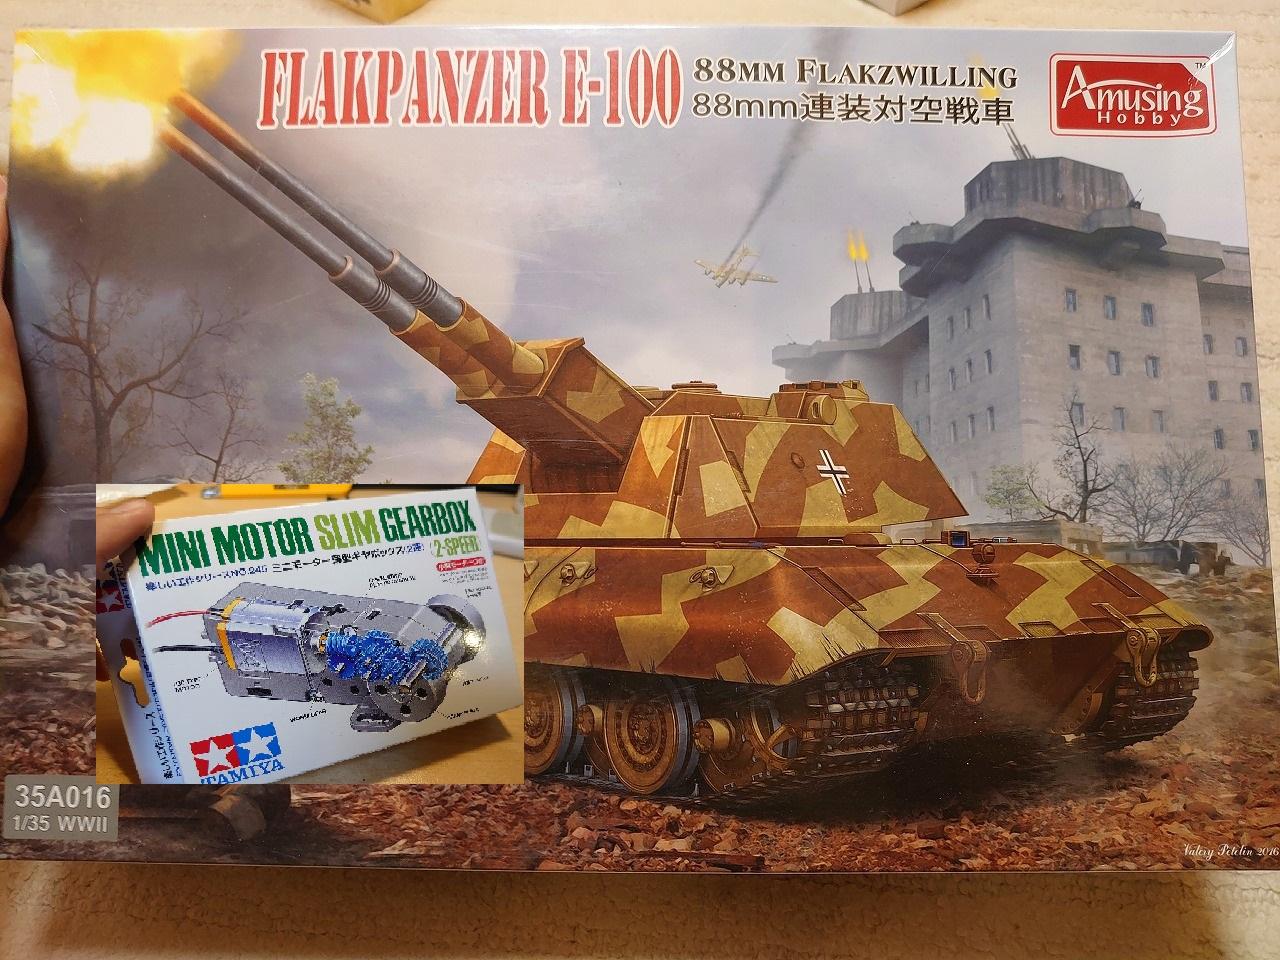 【最近購入した物】アミュージングホビー 1/35 ドイツ軍 E-100対空戦車とタミヤ 楽しい工作 薄型ギヤボックス